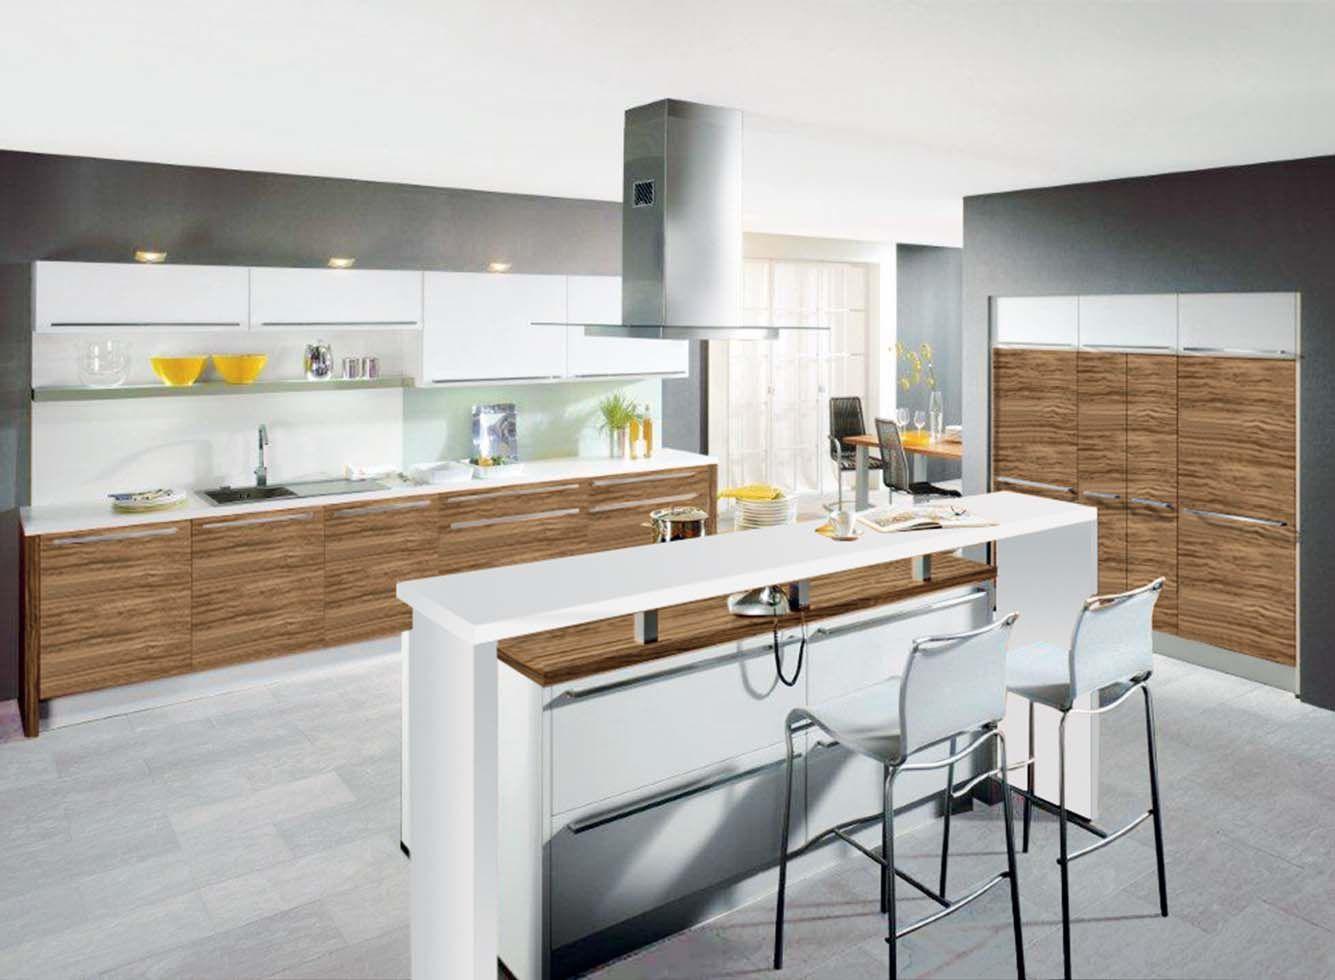 Cocina 74 cocinas capis dise o y fabricaci n de cocinas for Configurador cocinas